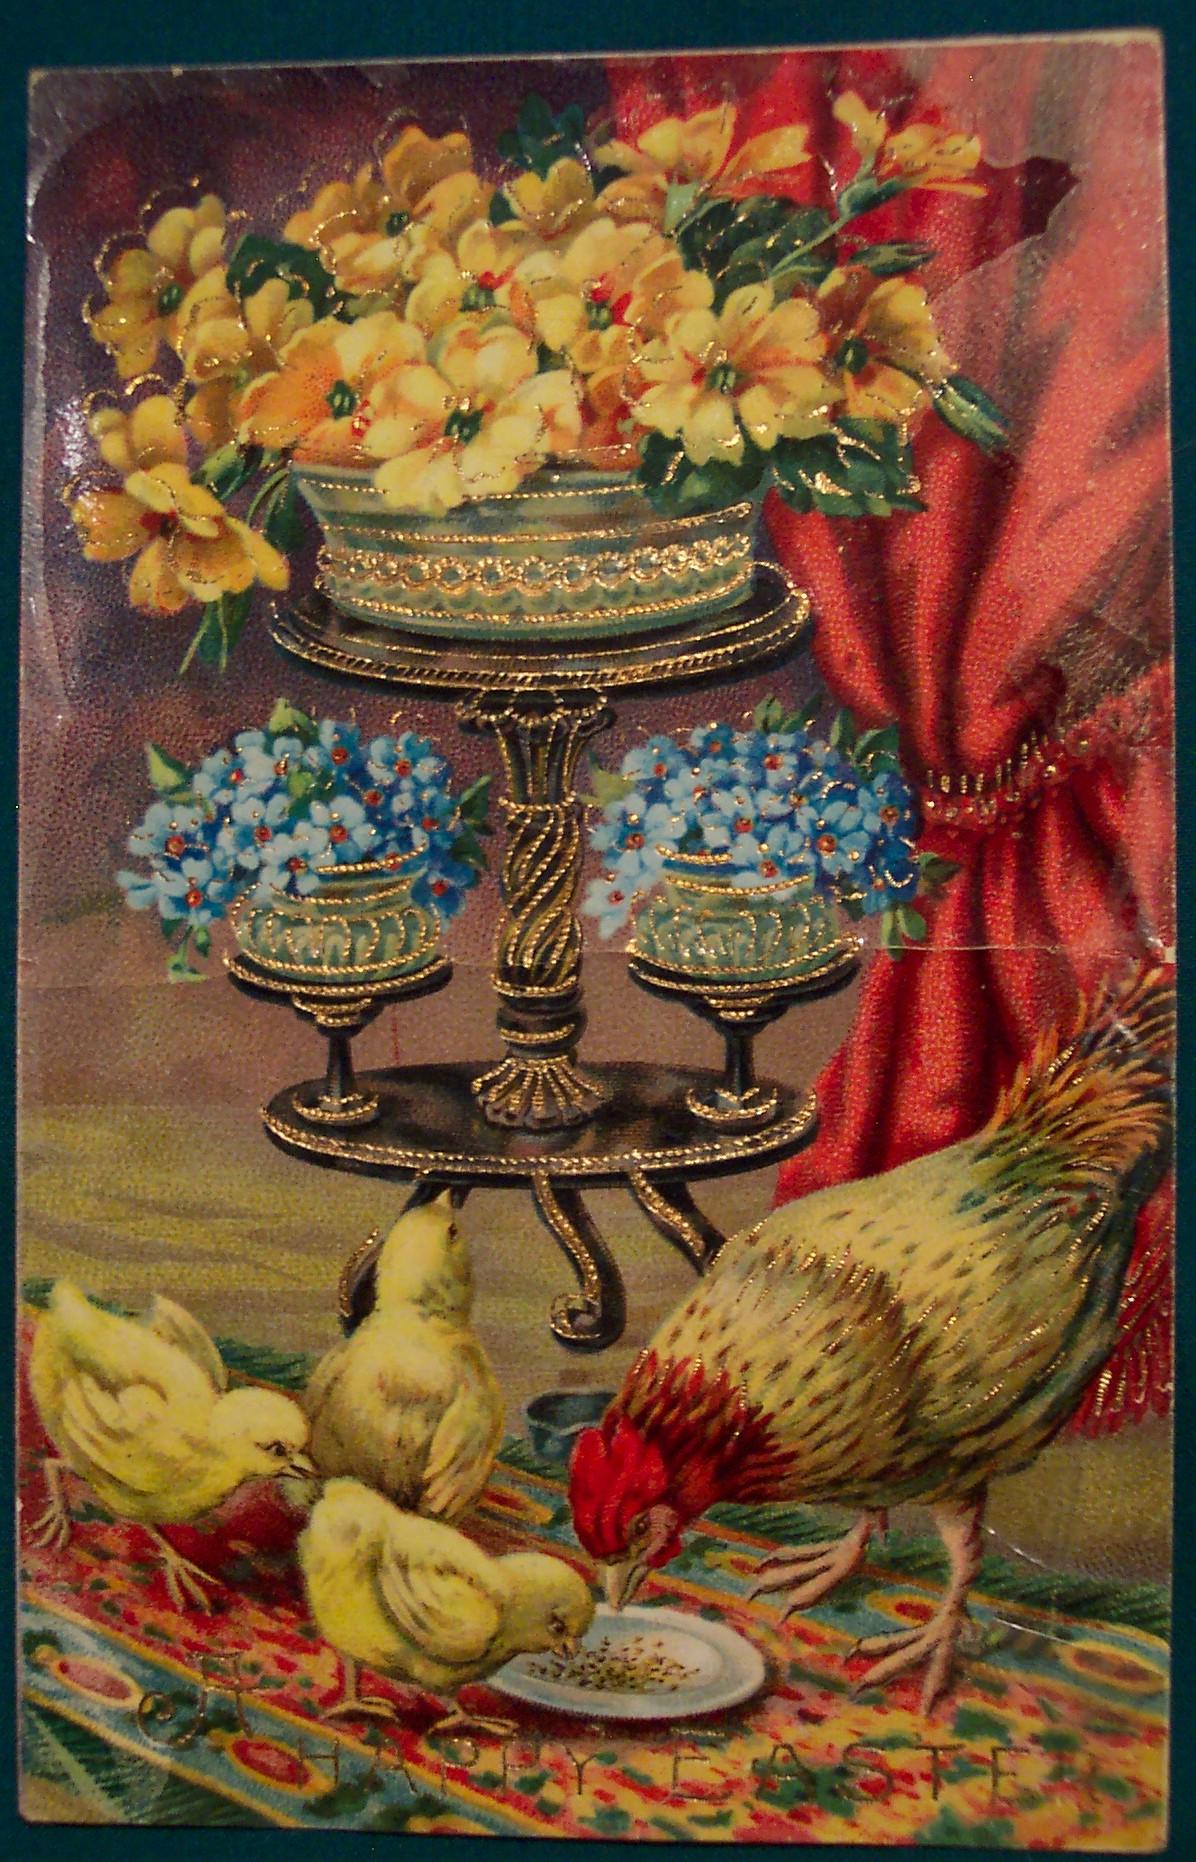 Винтажные открытки (валентинки) и клипарты ко Дню